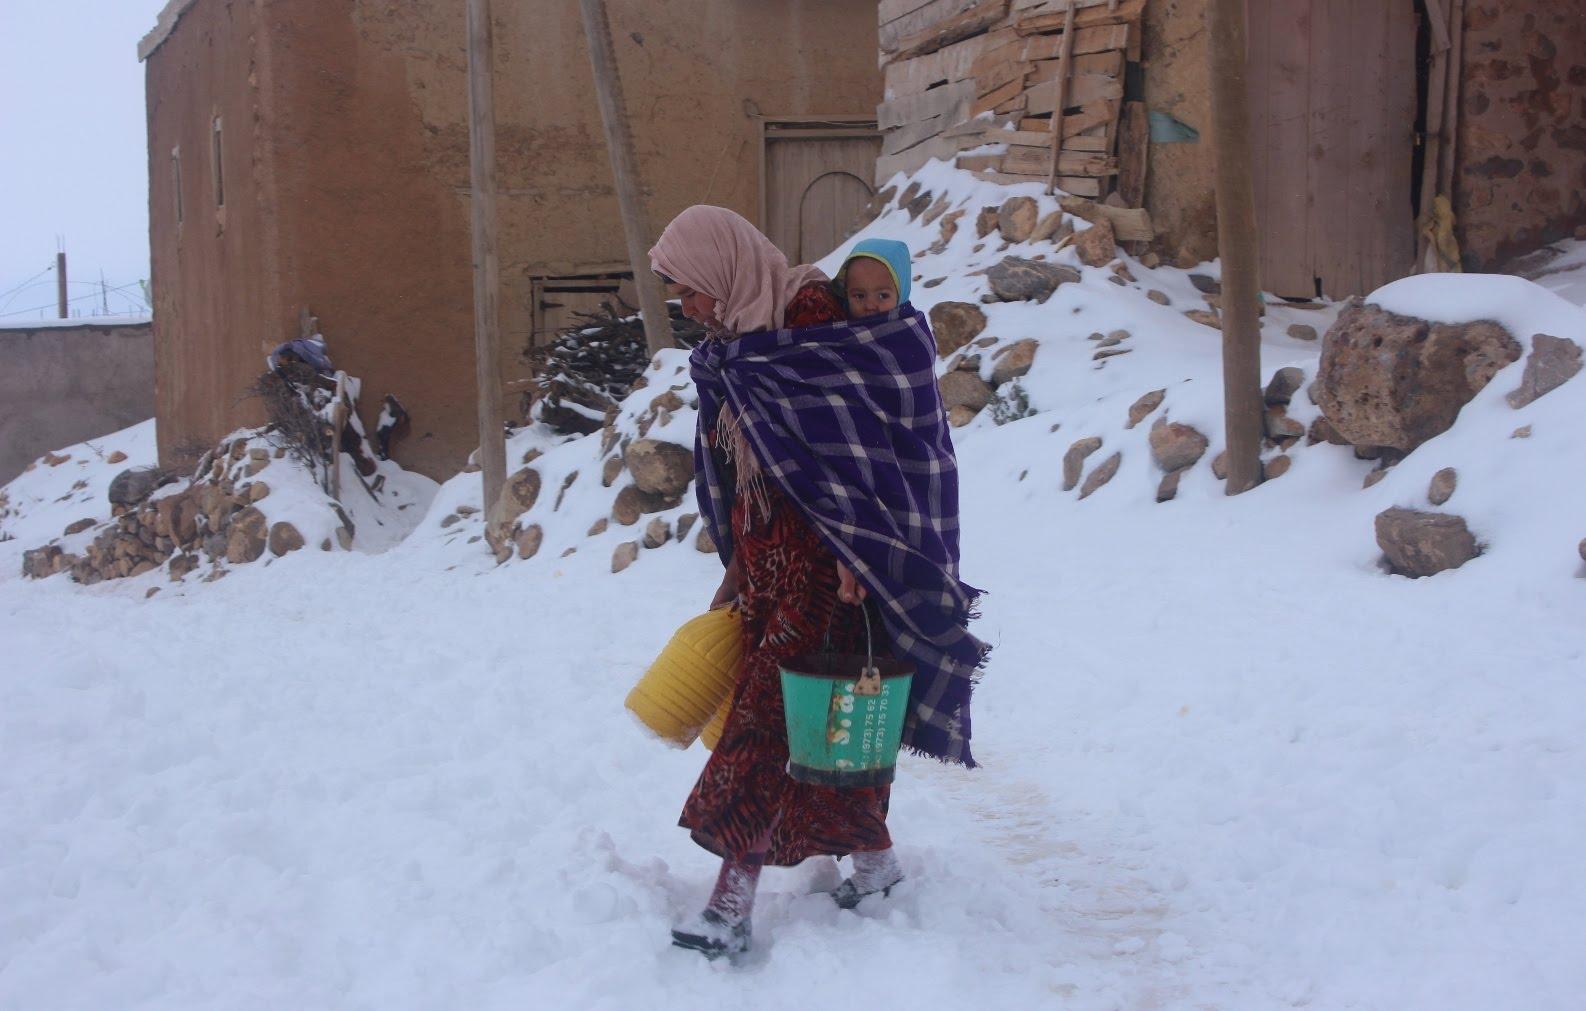 خنيفرة… سيبـيريا المغرب/. Khénifra ,La Sibérie du Maroc Par:Azddine gaiz .